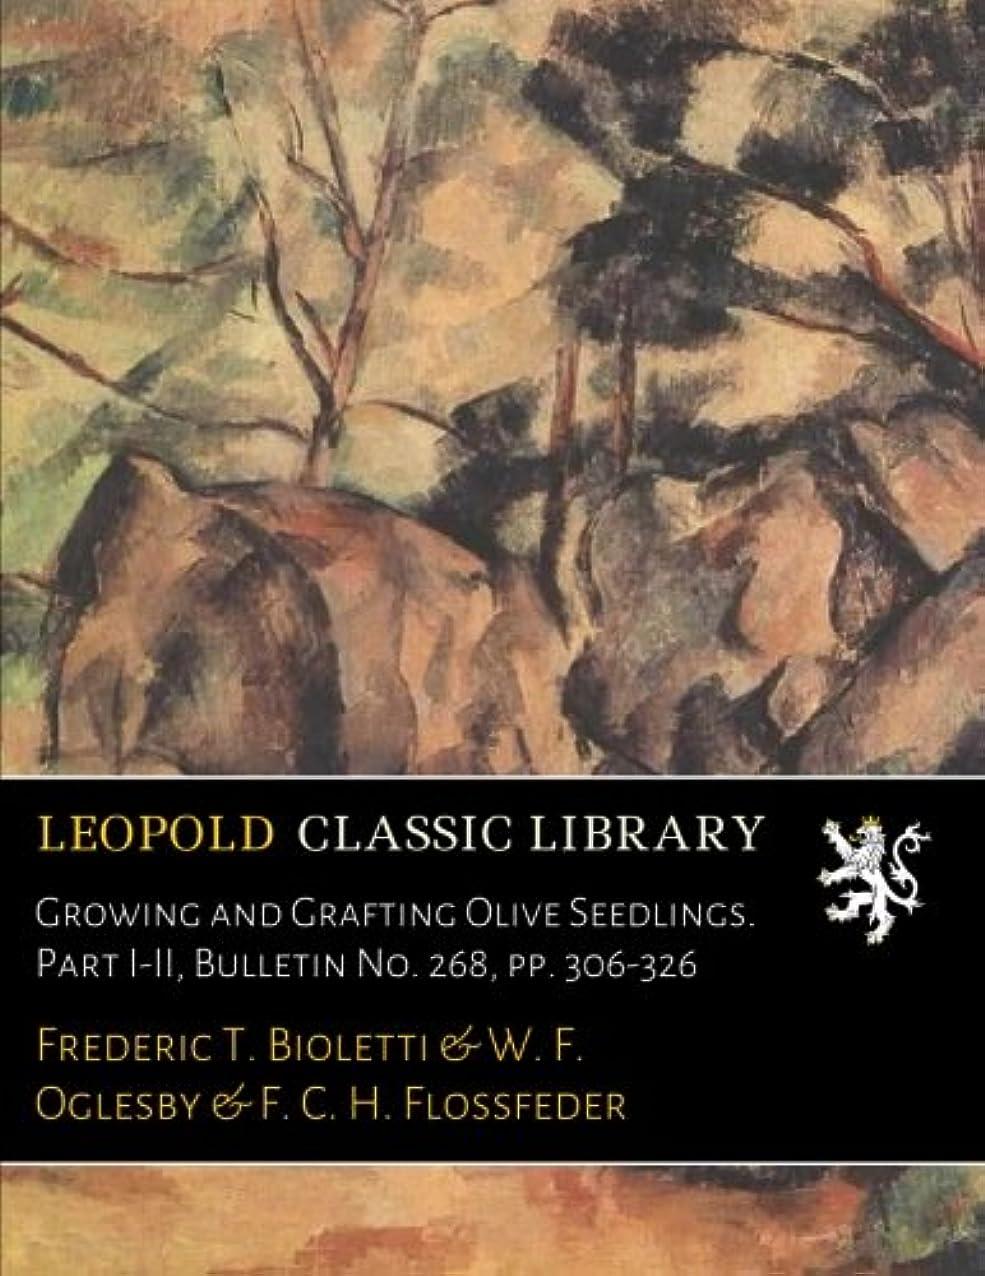 胚挨拶する不良Growing and Grafting Olive Seedlings. Part I-II, Bulletin No. 268, pp. 306-326